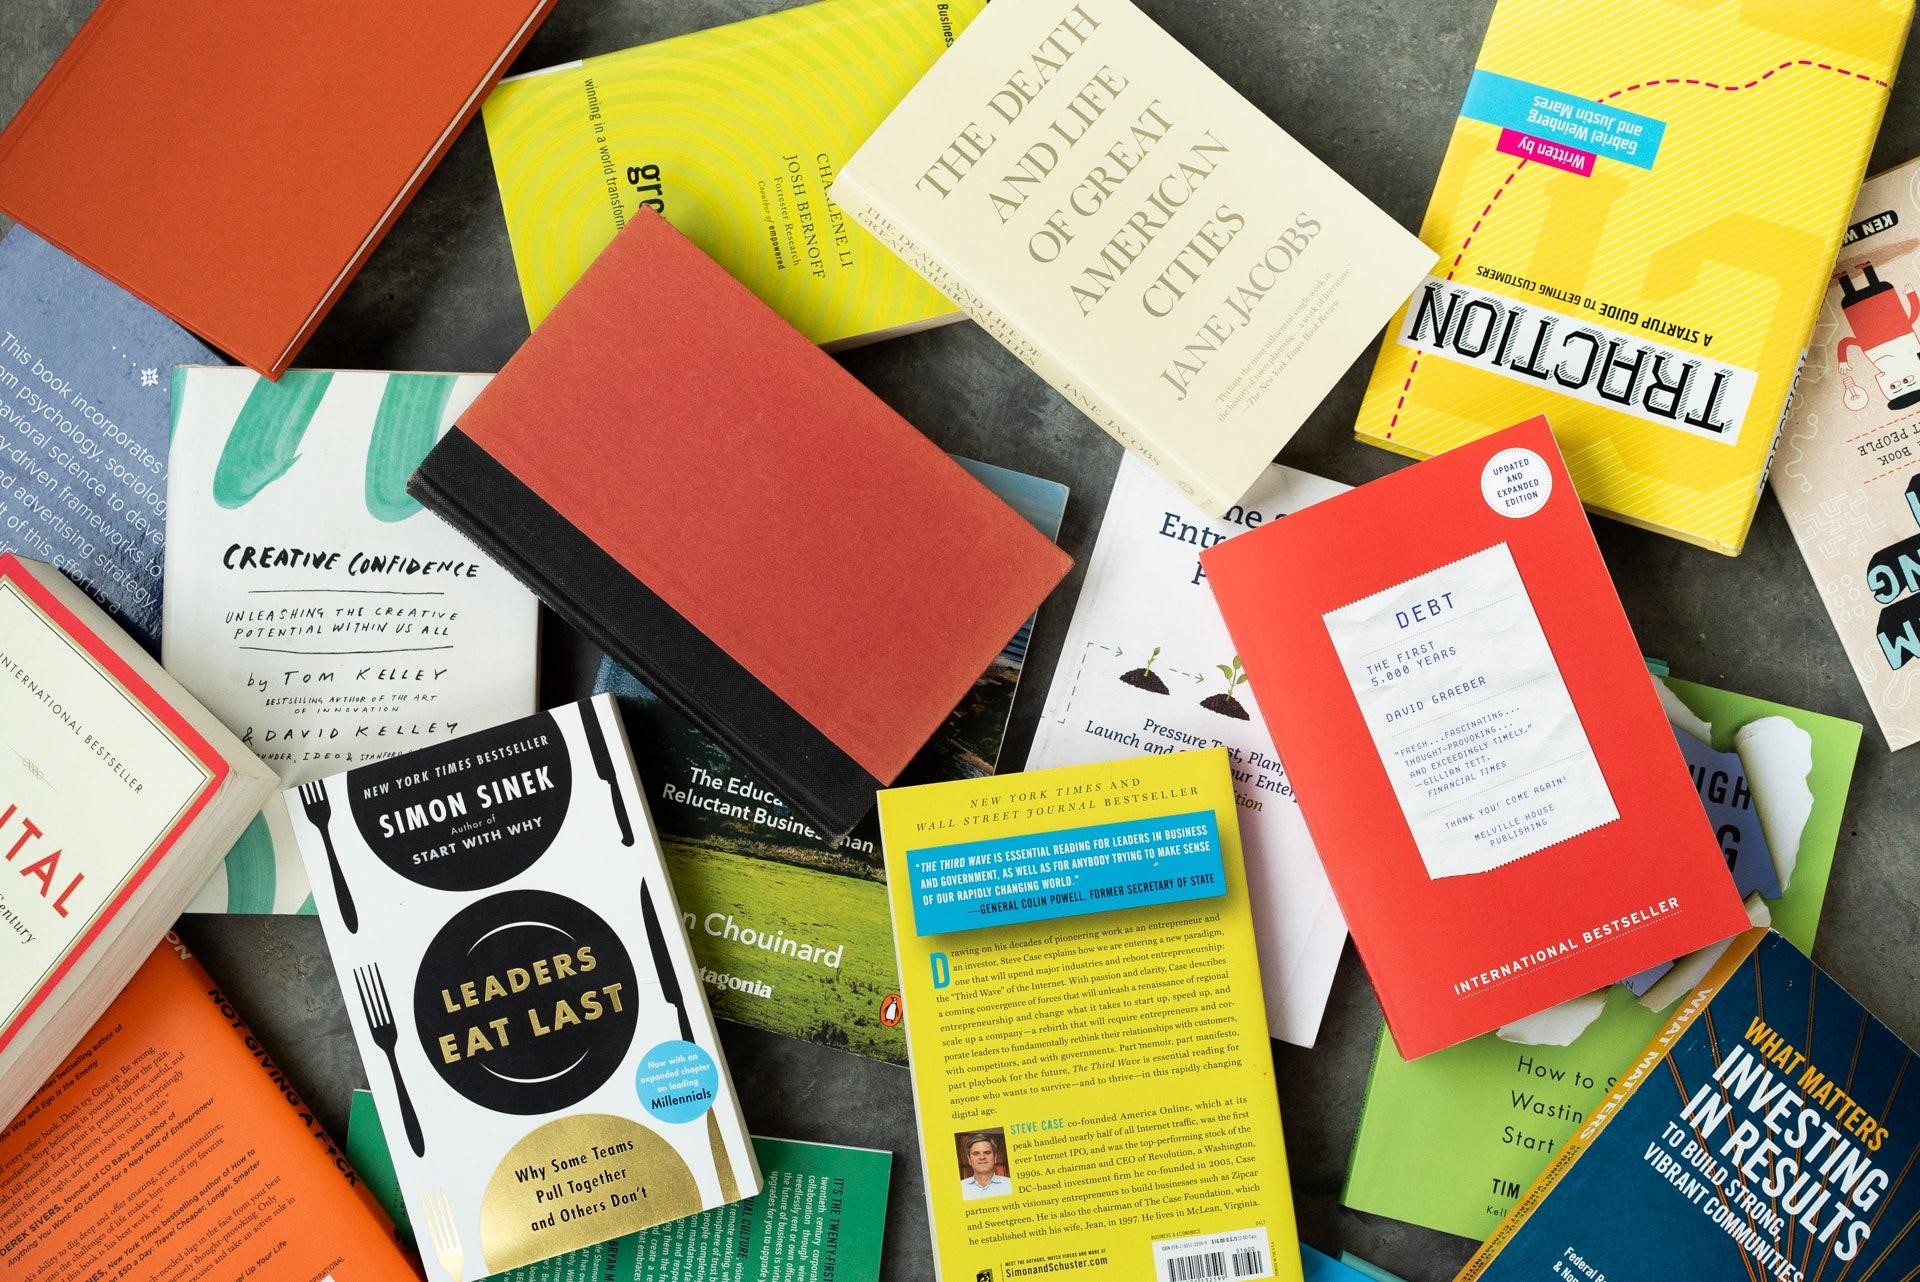 Access Ventures Books Impact